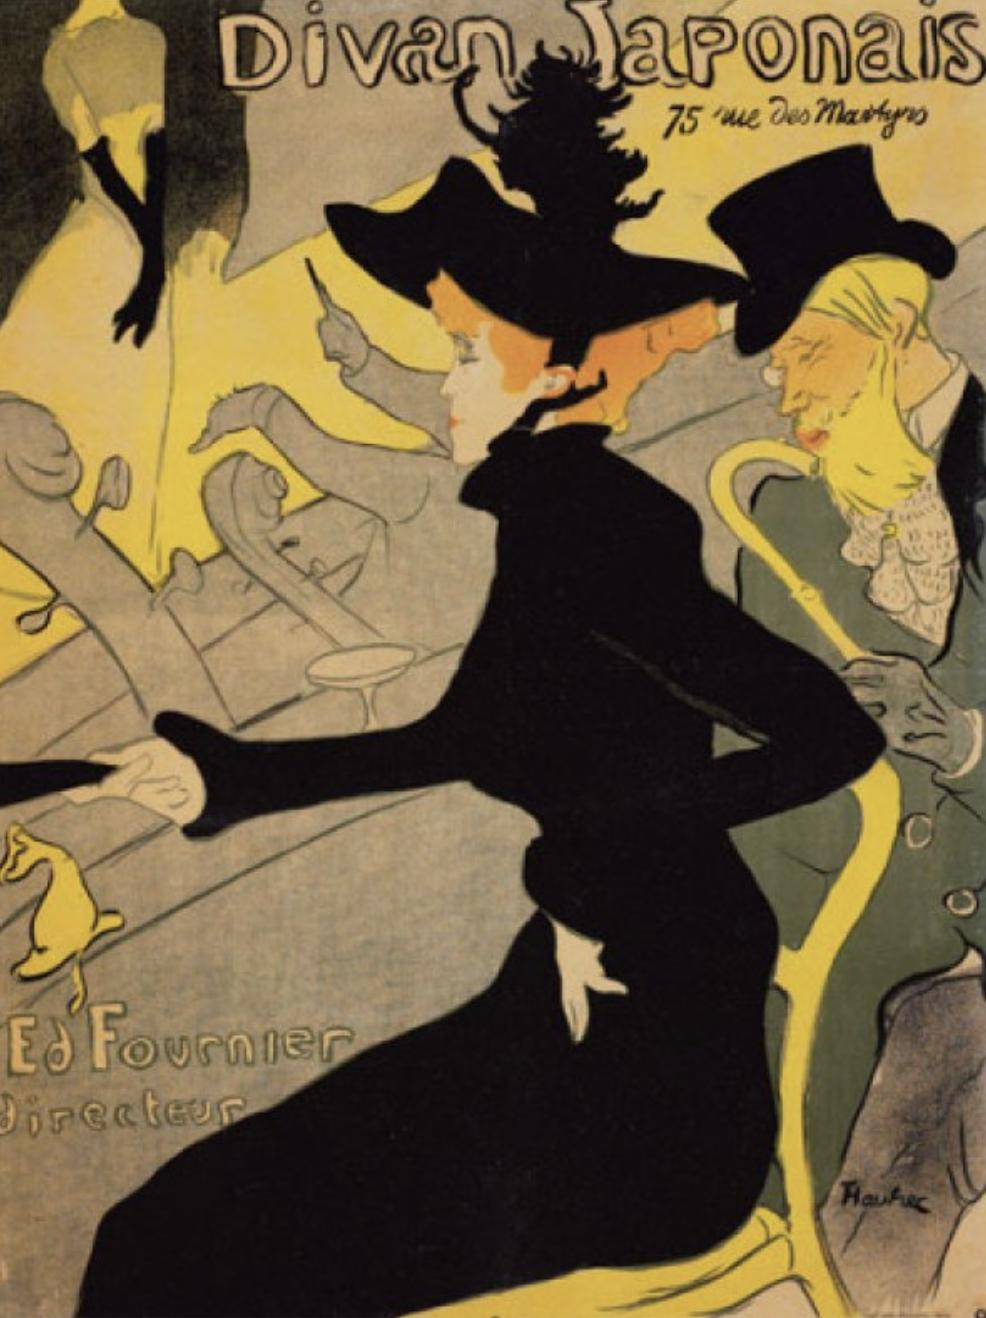 Henri de Toulouse-Lautrec,  Divan Japonais , poster advertisement, 1893. Lithograph.